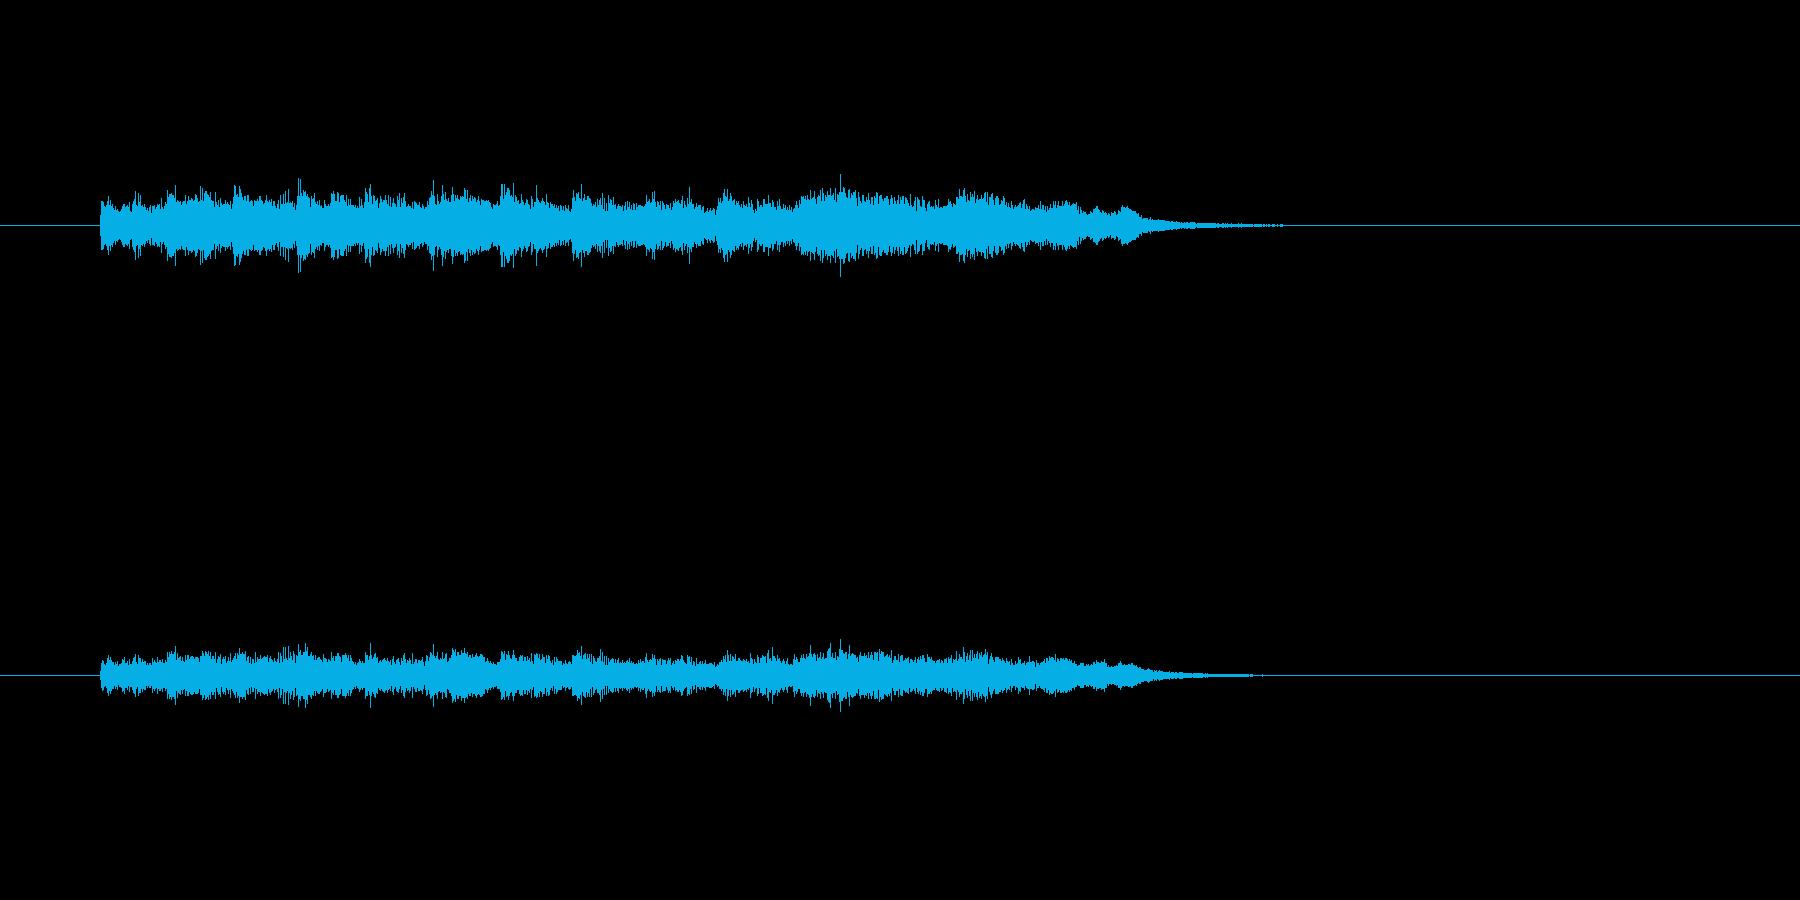 ハープシーコード チェンバロ 不思議の再生済みの波形